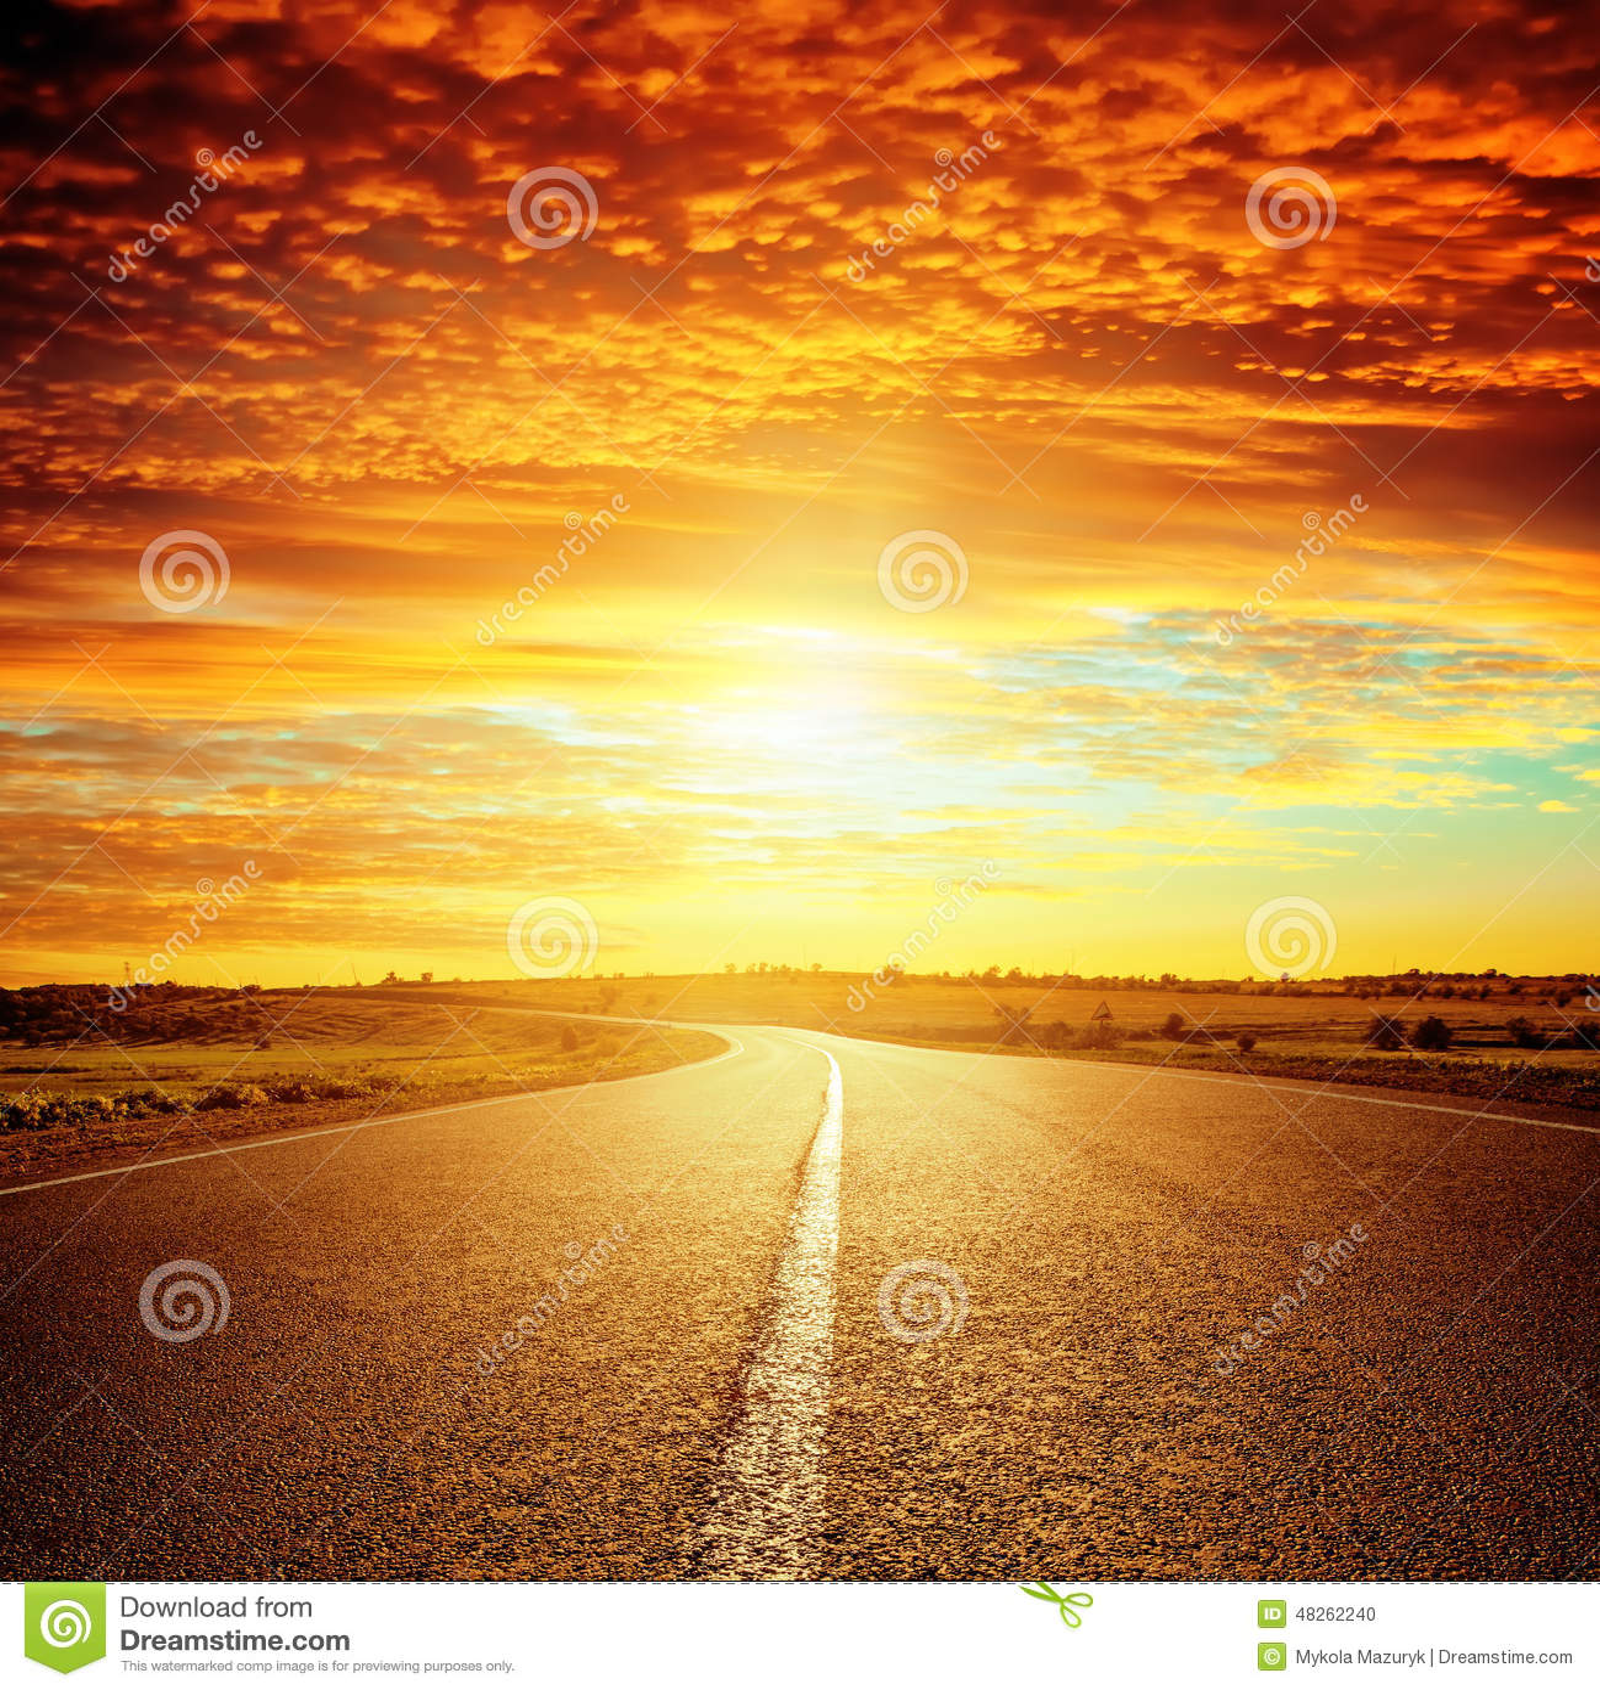 Bra röd solnedgång- och asfaltväg